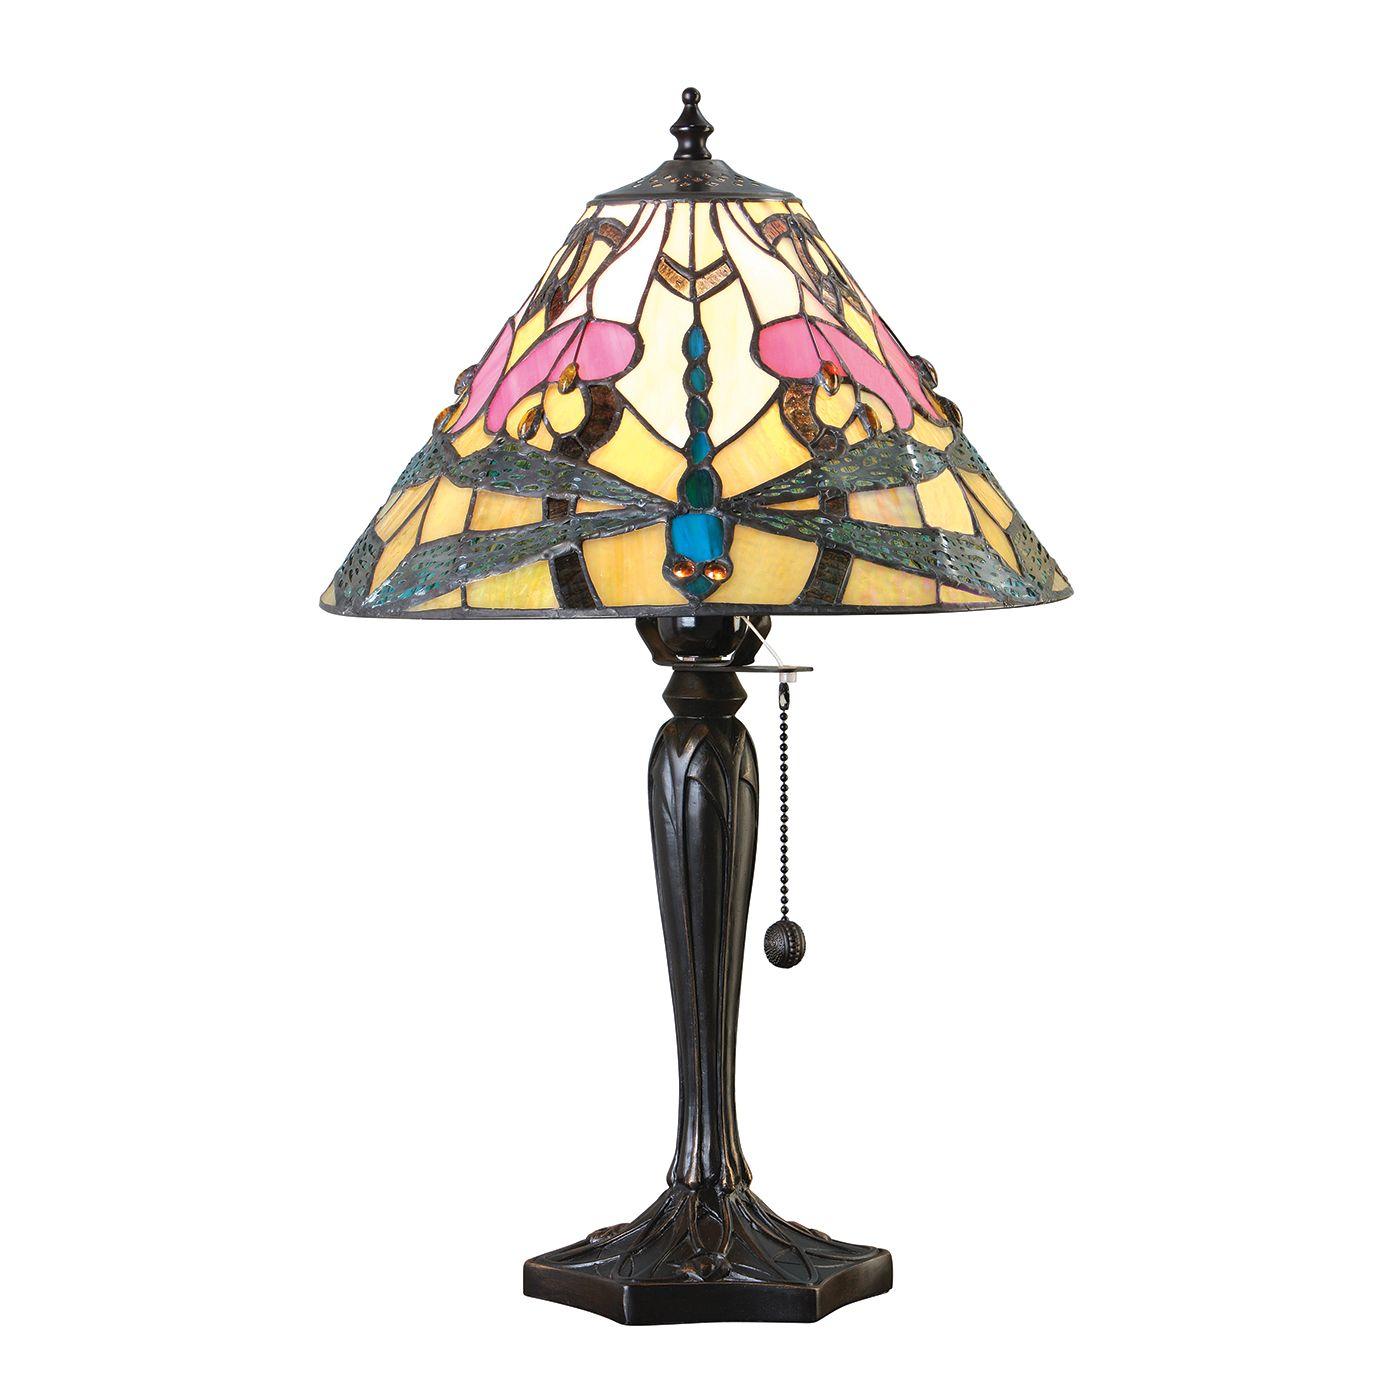 Ashton 63924 Tiffany Small Table Lamp Tiffany style